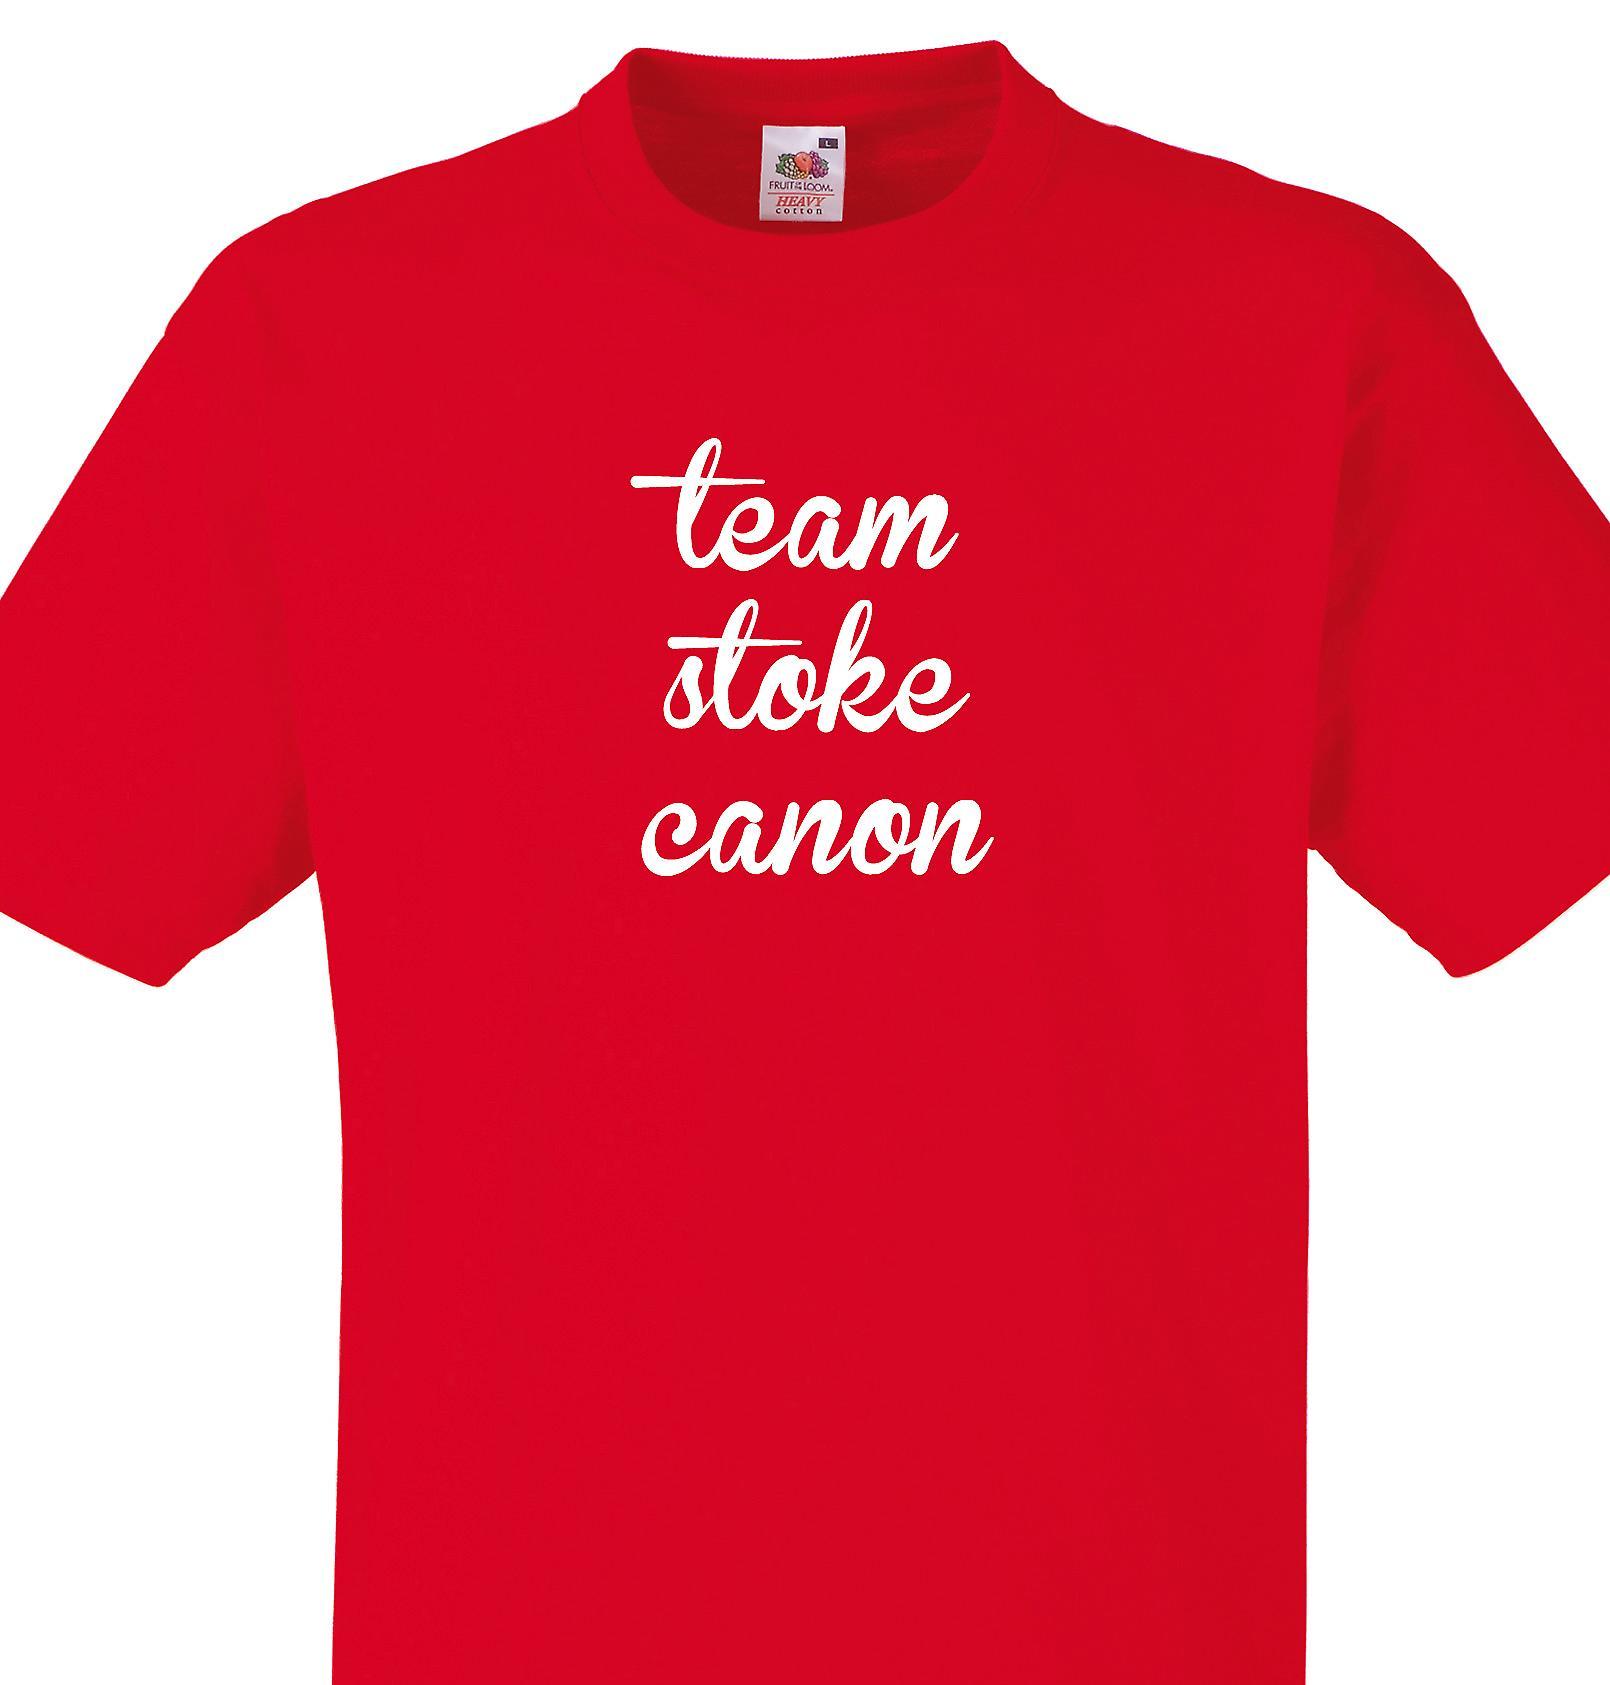 Team Stoke canon röd T-tröja